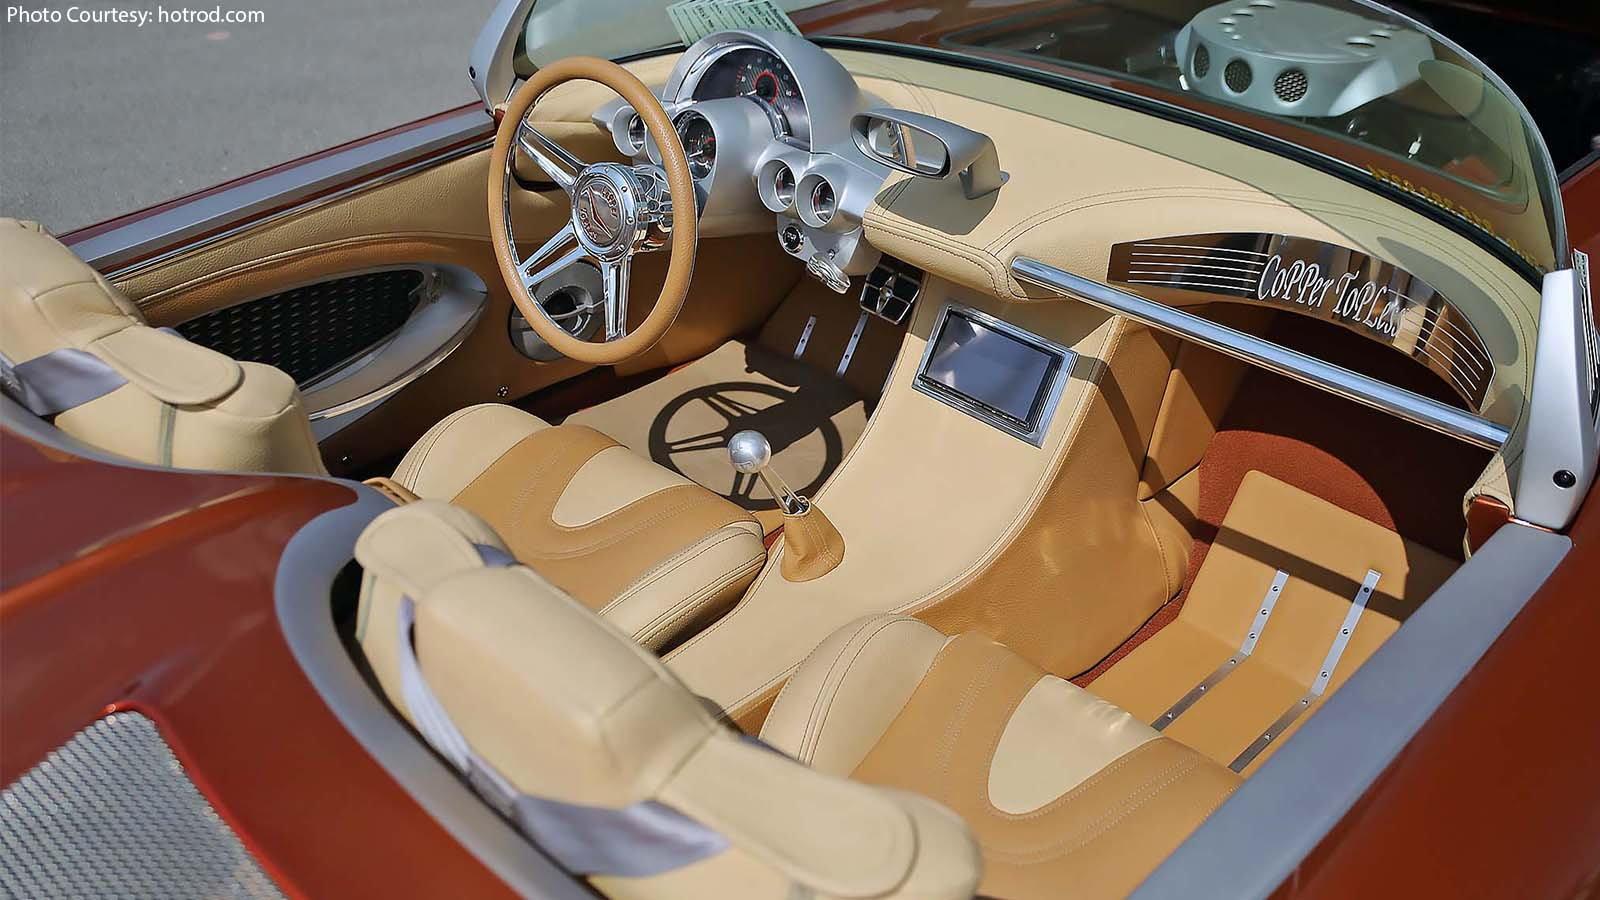 Supercharged, Custom Shop, C1 Corvette